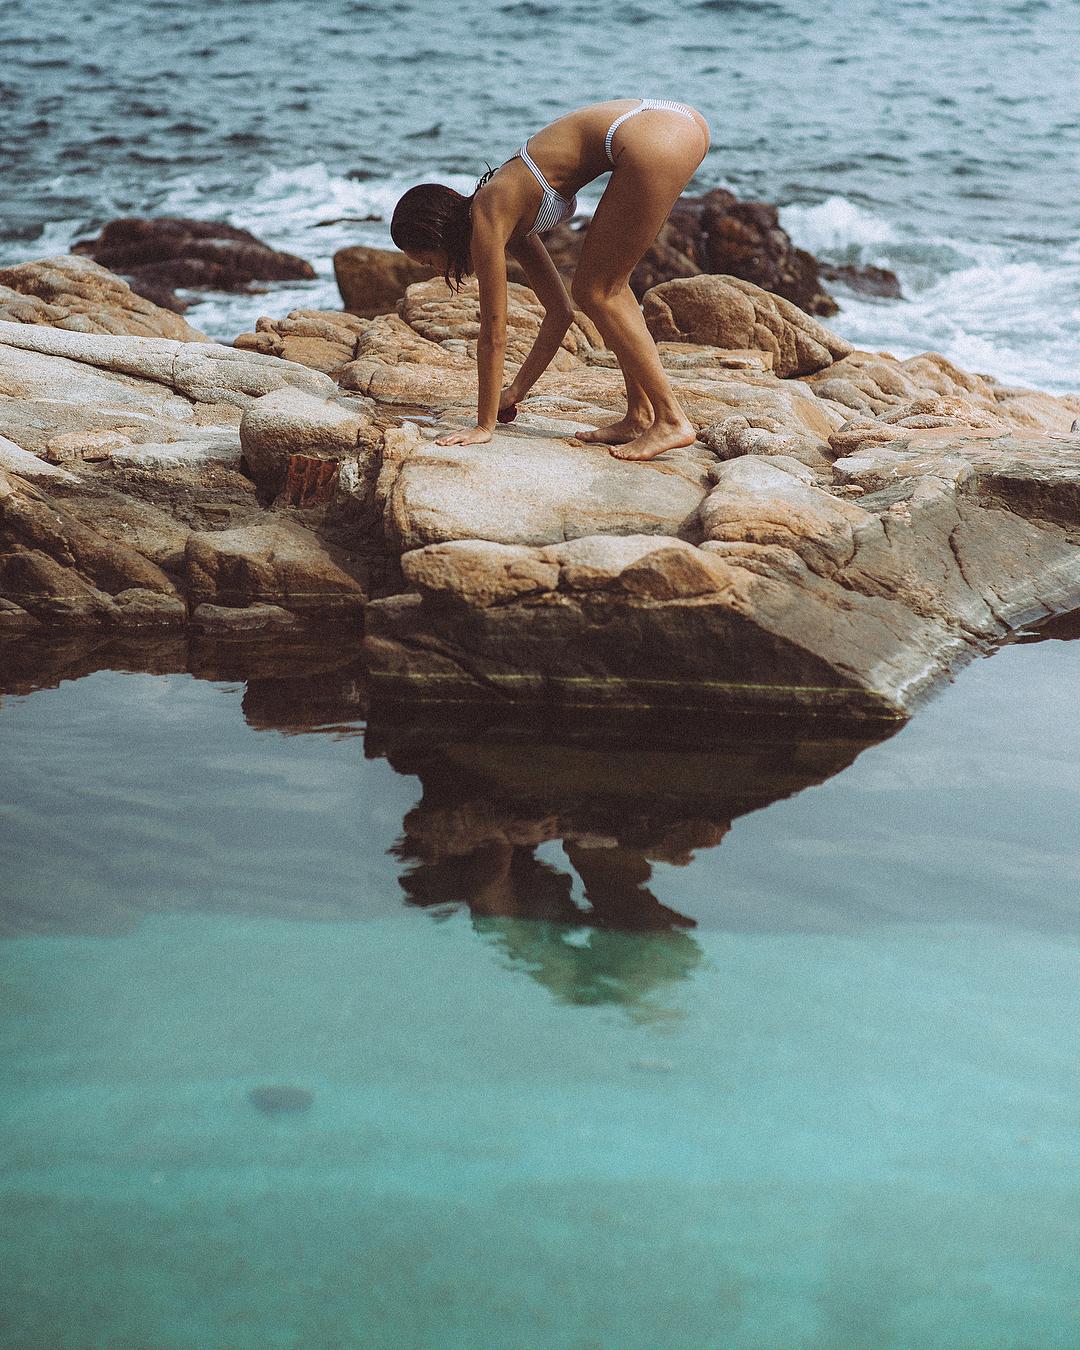 Чувственные фотографии девушек Дейвиса Малты фотография,чувственность